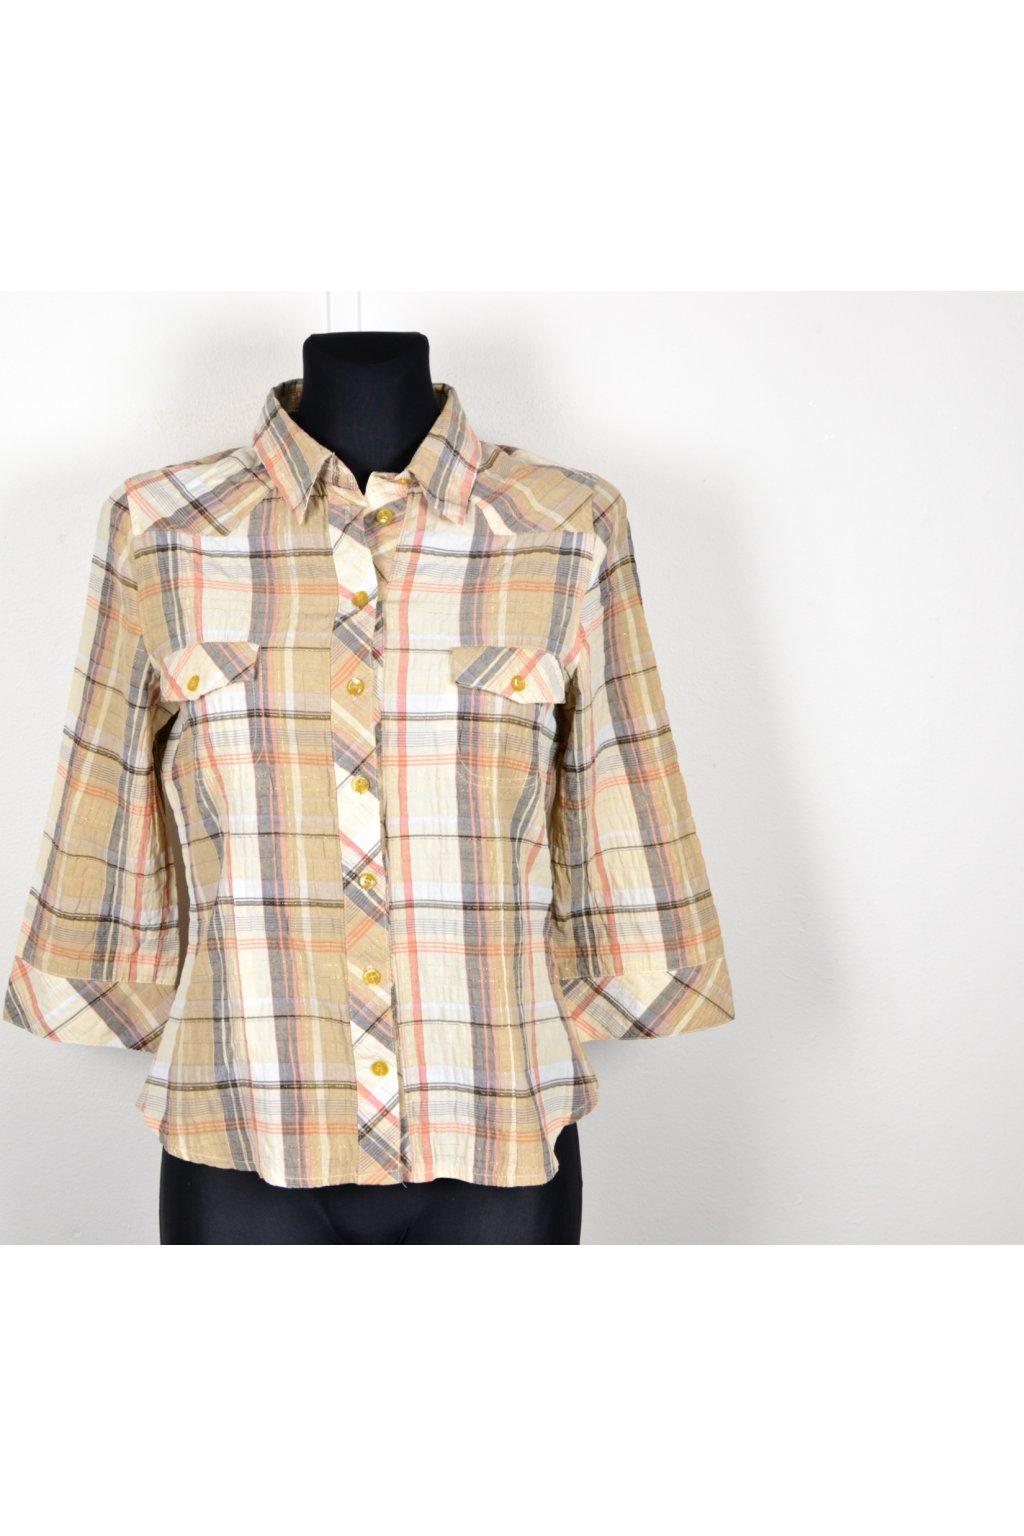 košile halenka karo c&a 36 / S